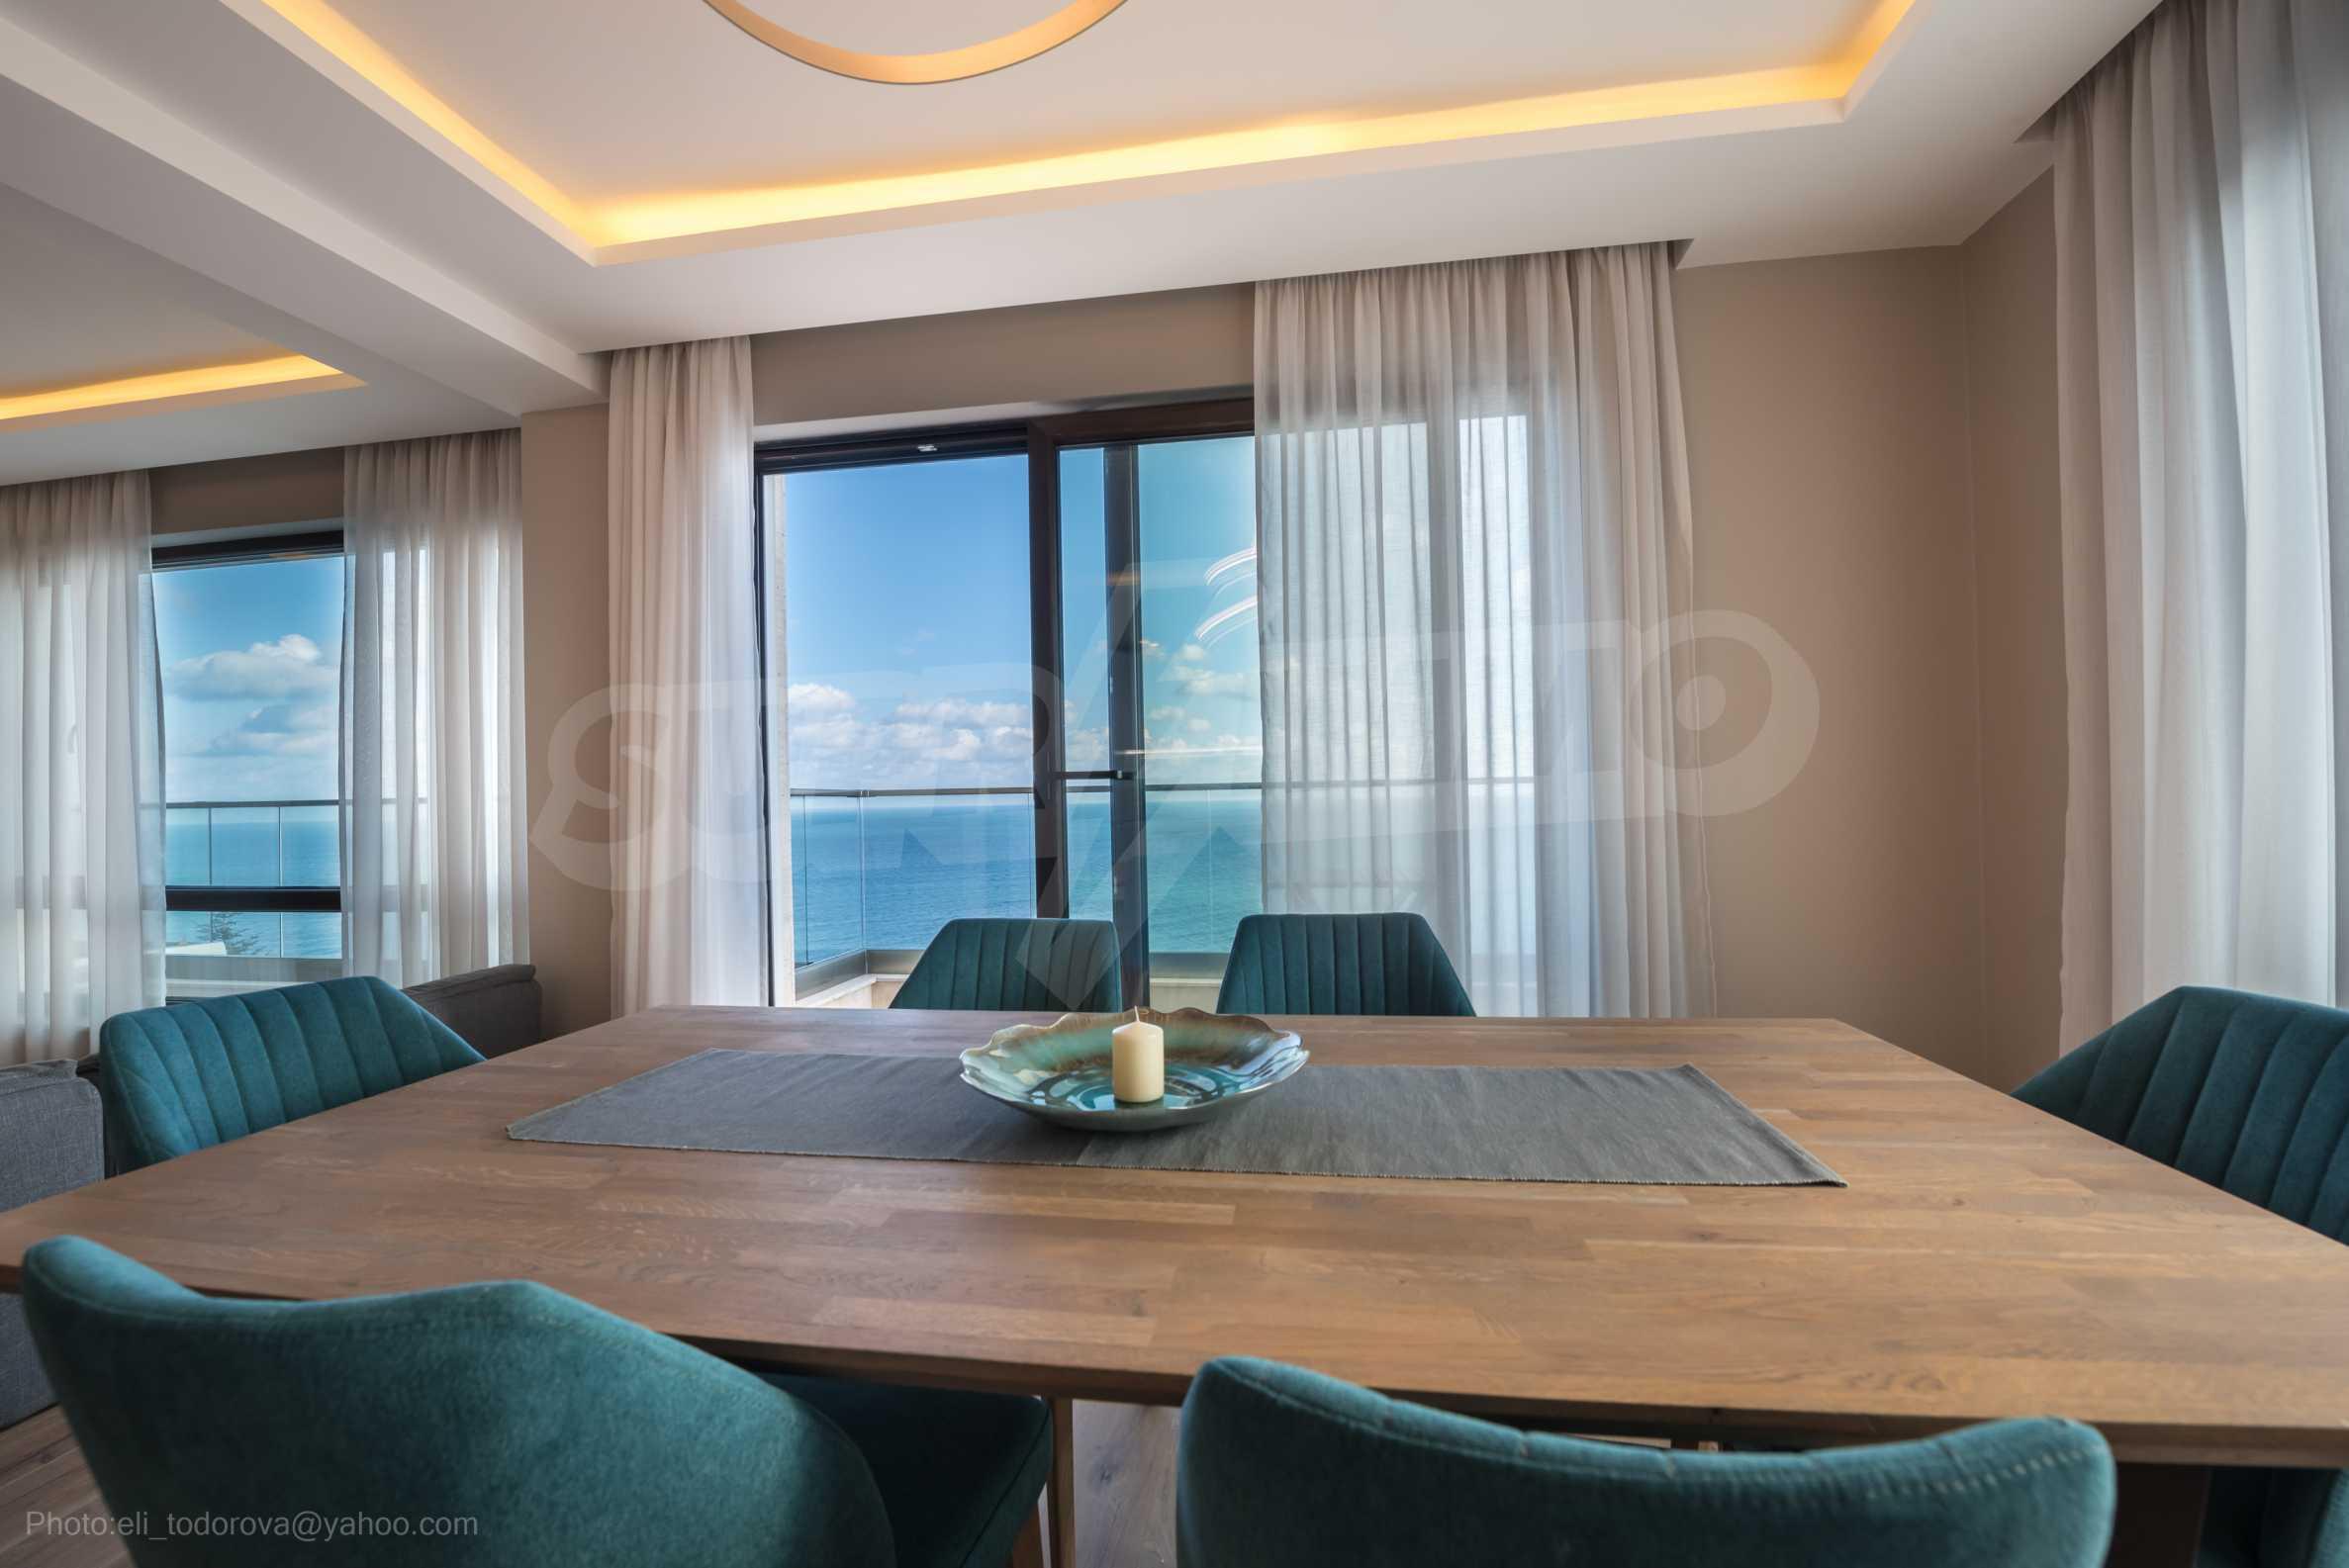 Апартамент Елеганс Вю - тристаен имот с уникална гледка към морето 5